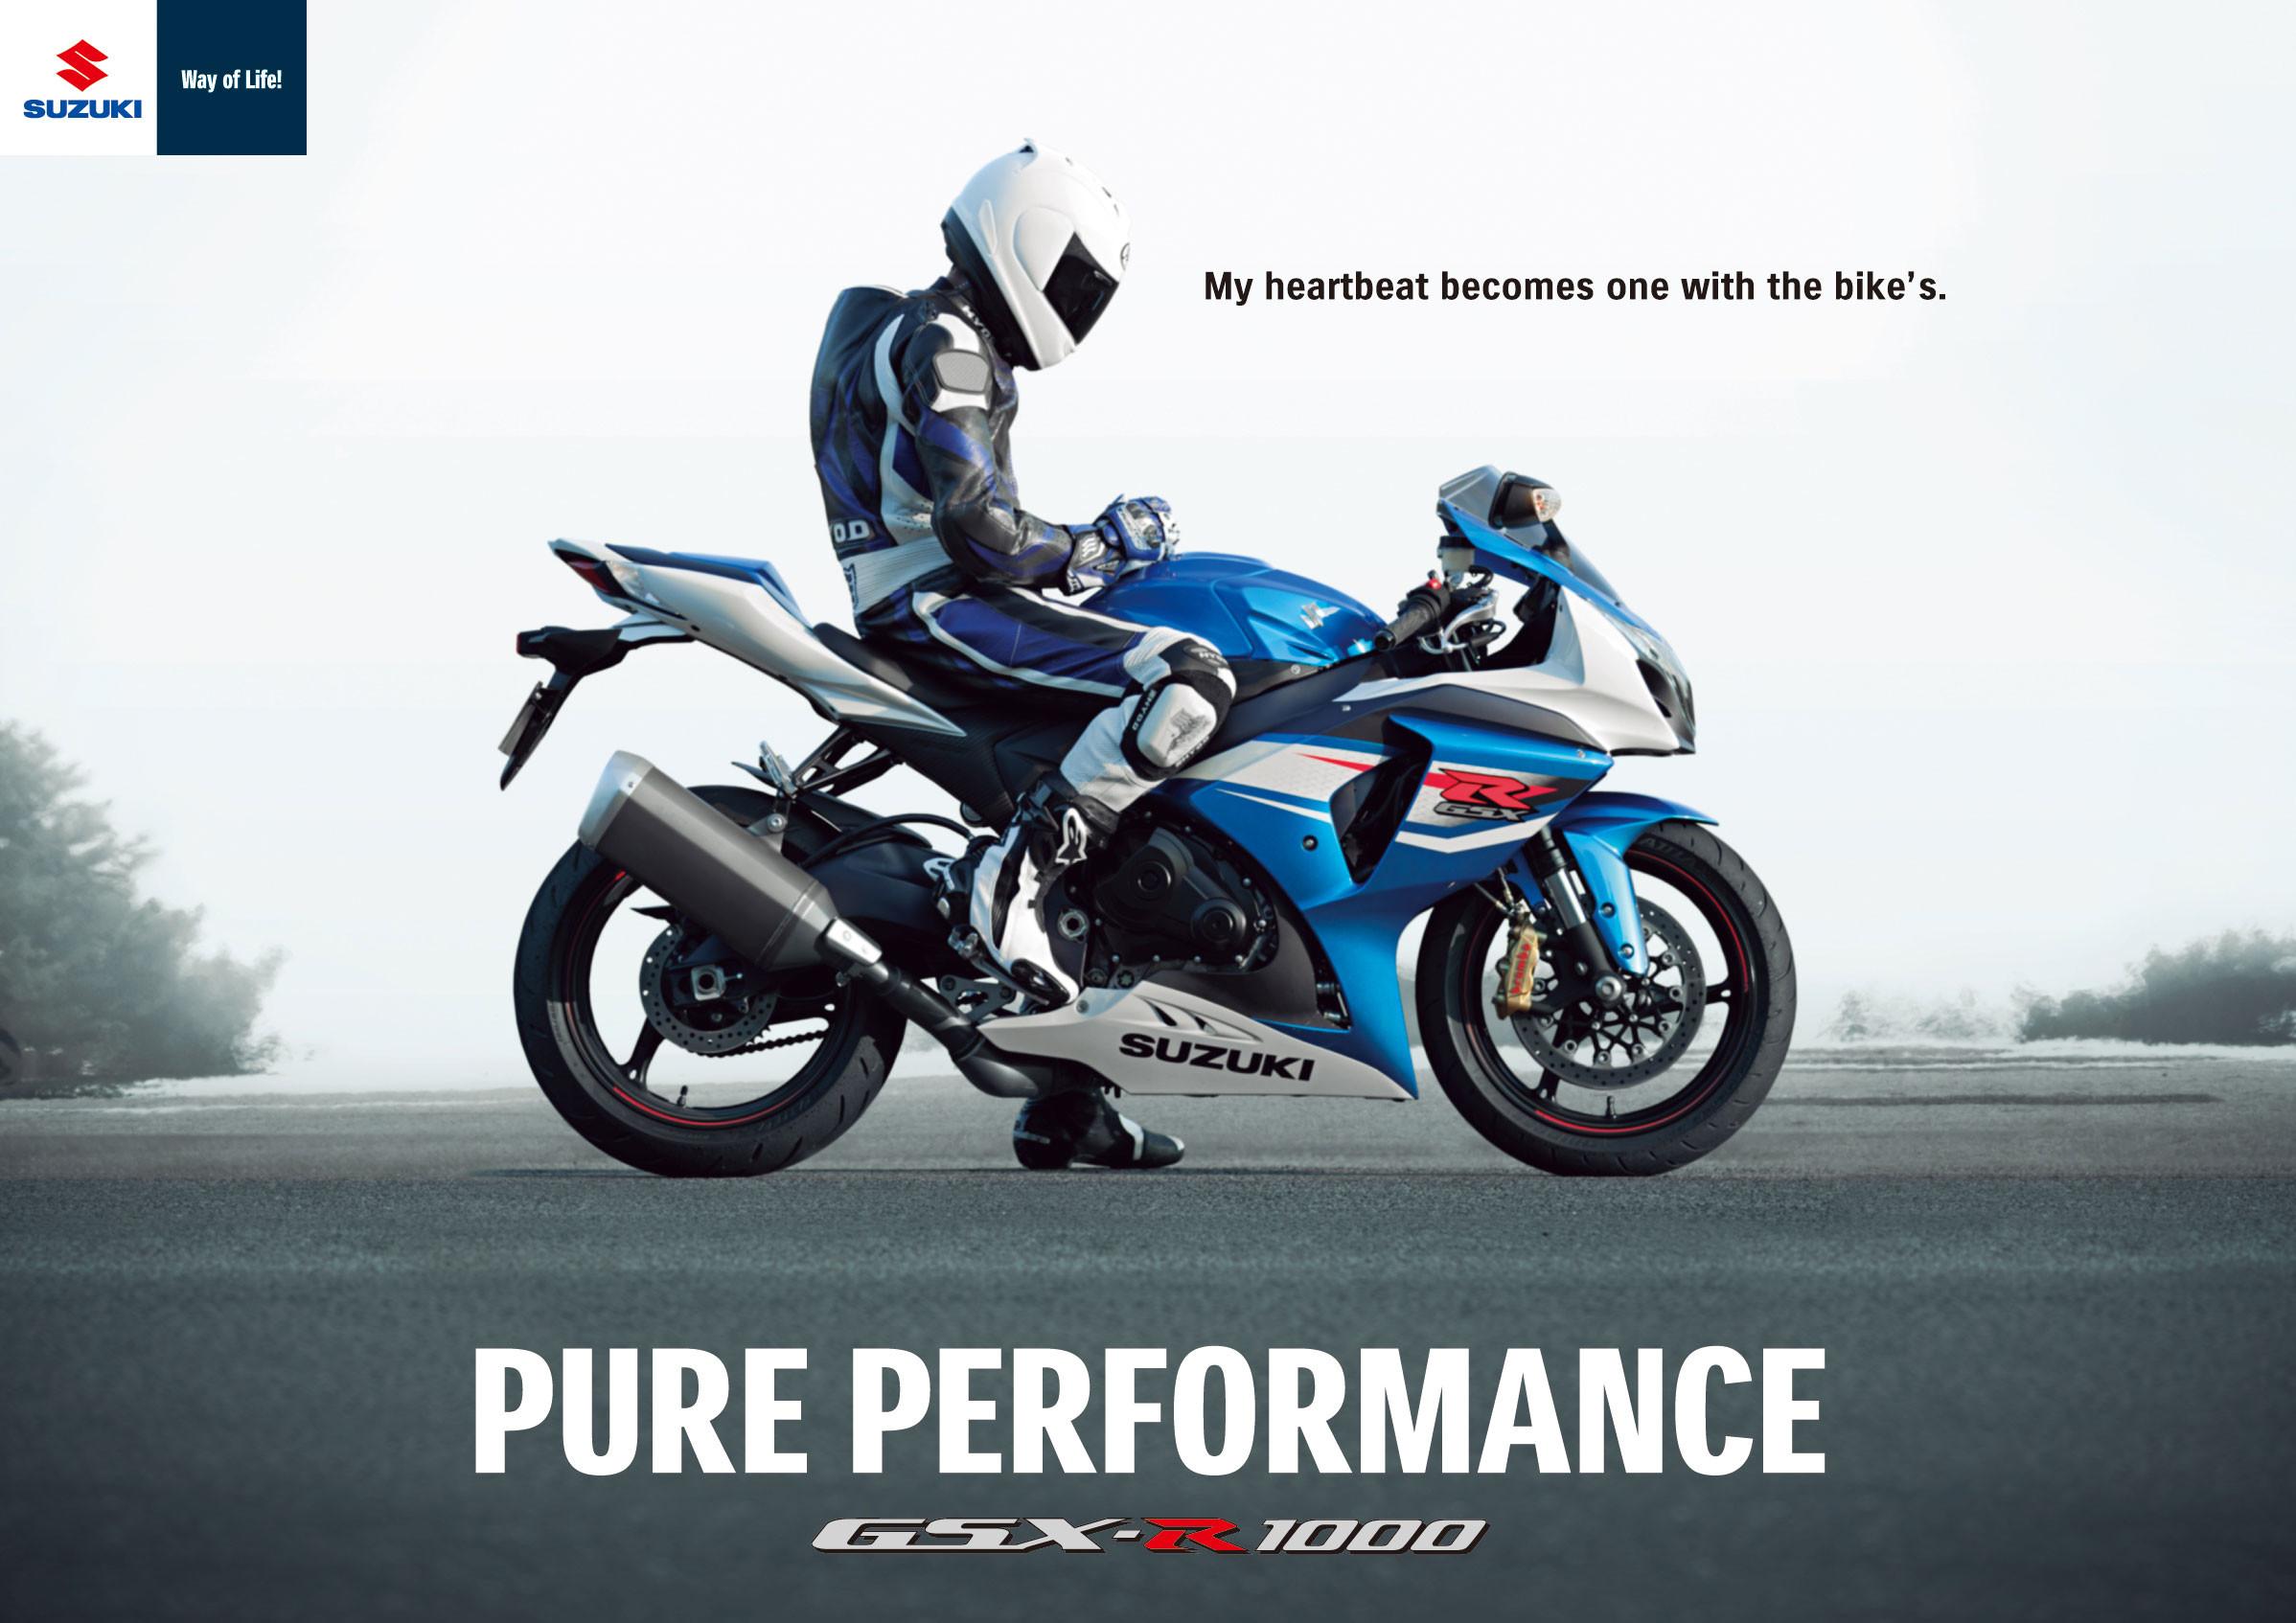 Suzuki Gsxr 1000 Wallpapers